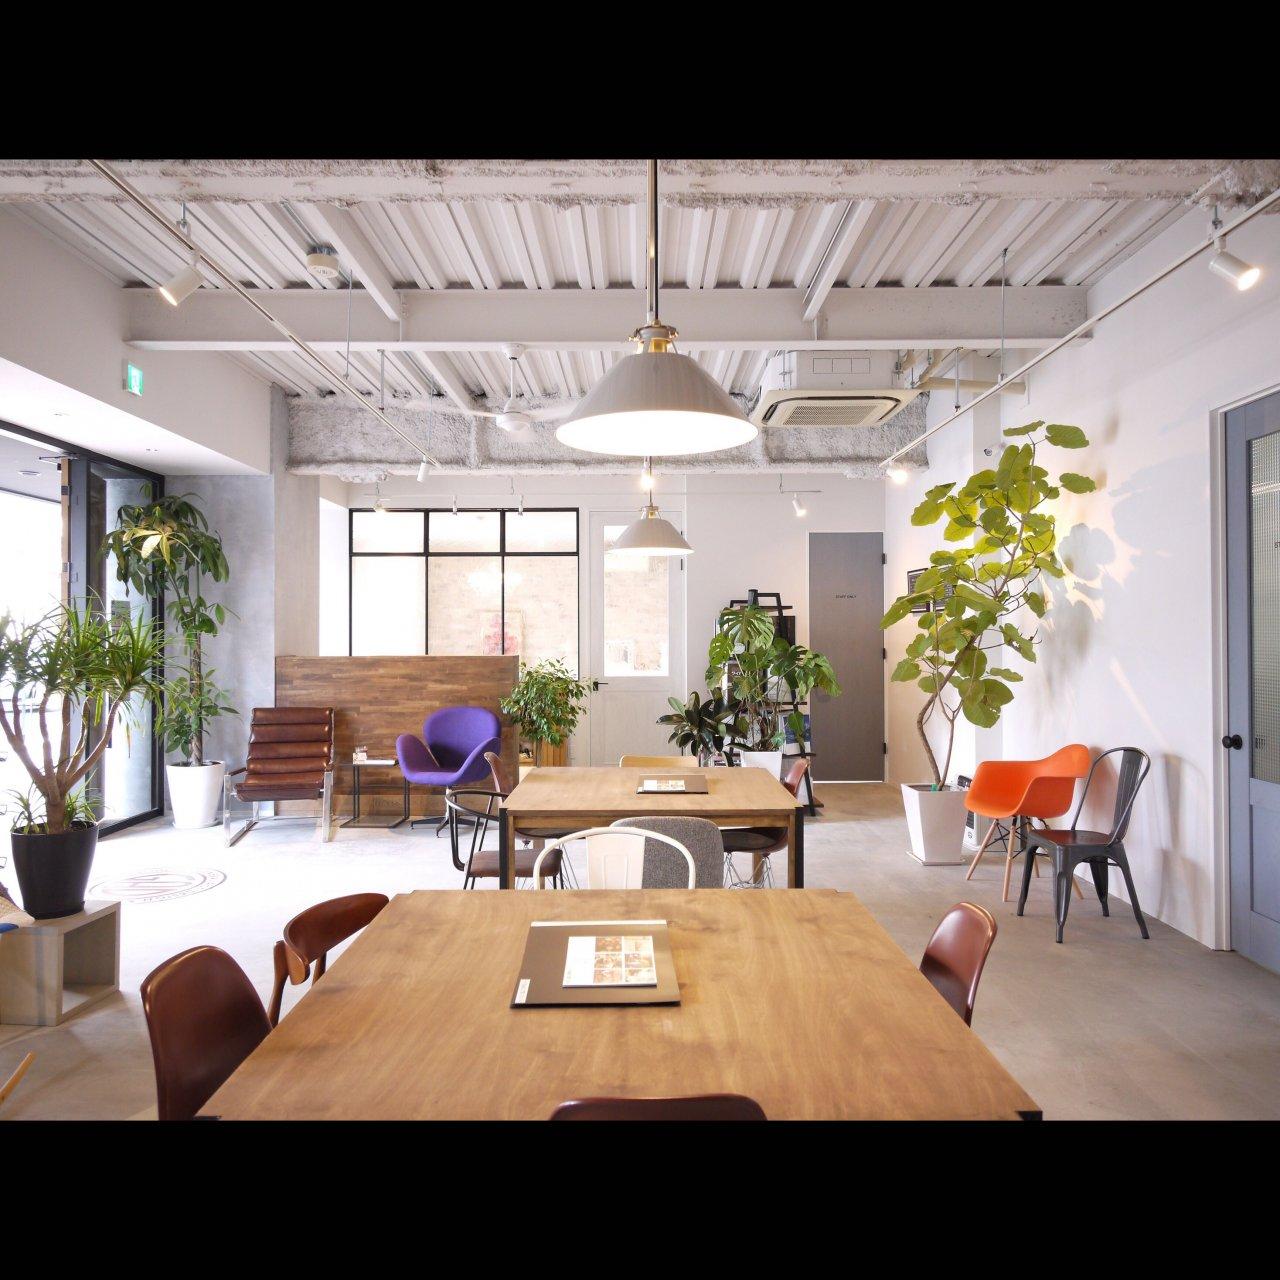 リノベ不動産|General Act Design ショールーム4 人気の室内窓や壁をタイルや塗装で仕上げあたこだわりのショールーム